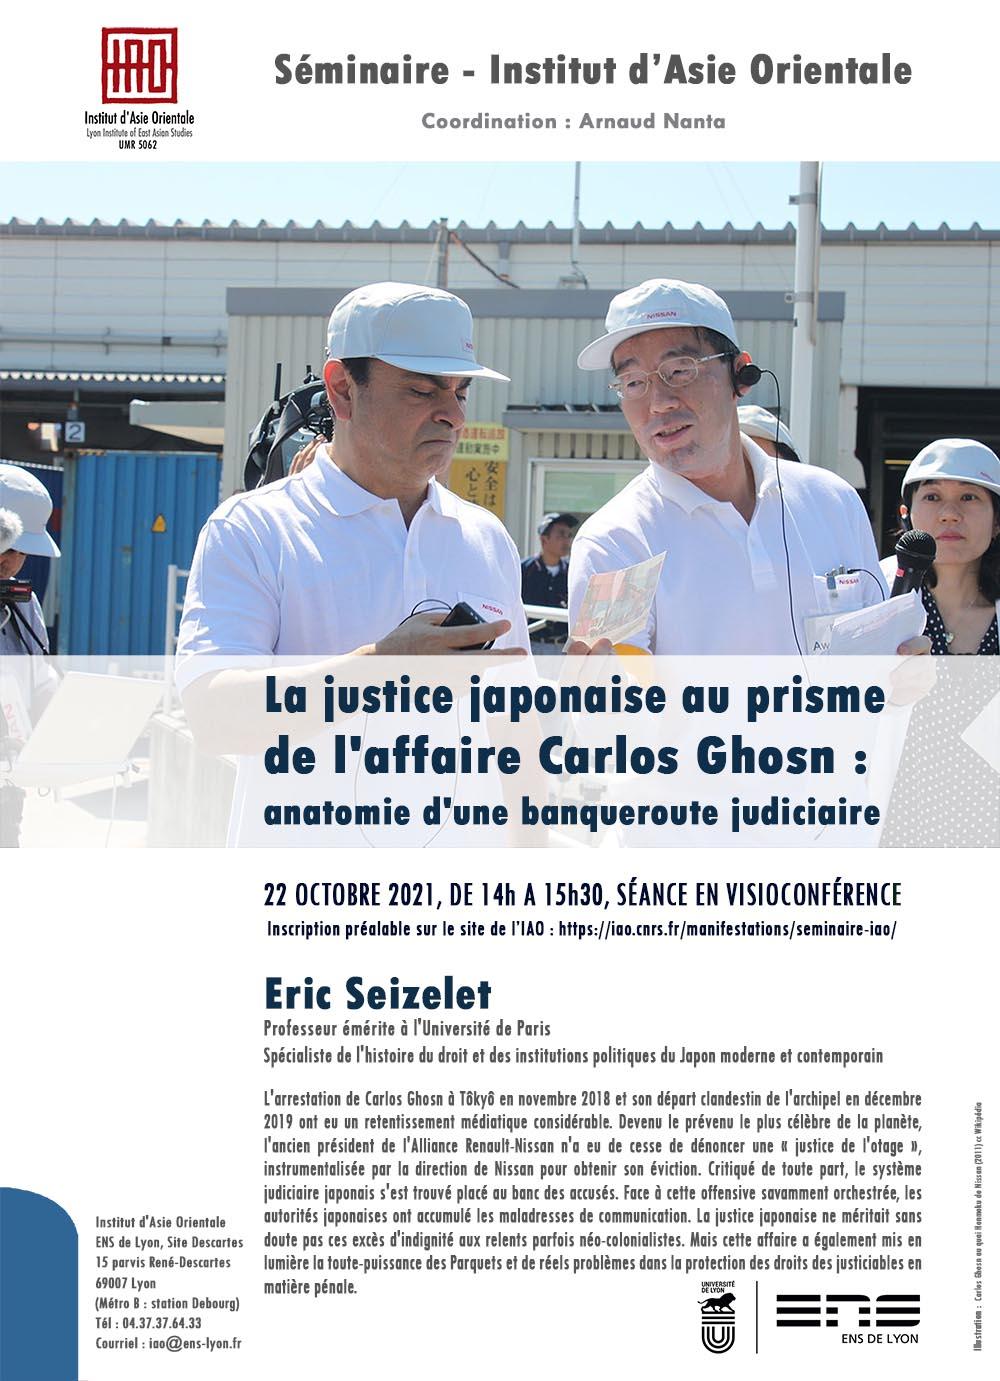 La justice japonaise au prisme de l'affaire Carlos Ghosn : anatomie d'une banqueroute judiciaire, Eric Seizelet